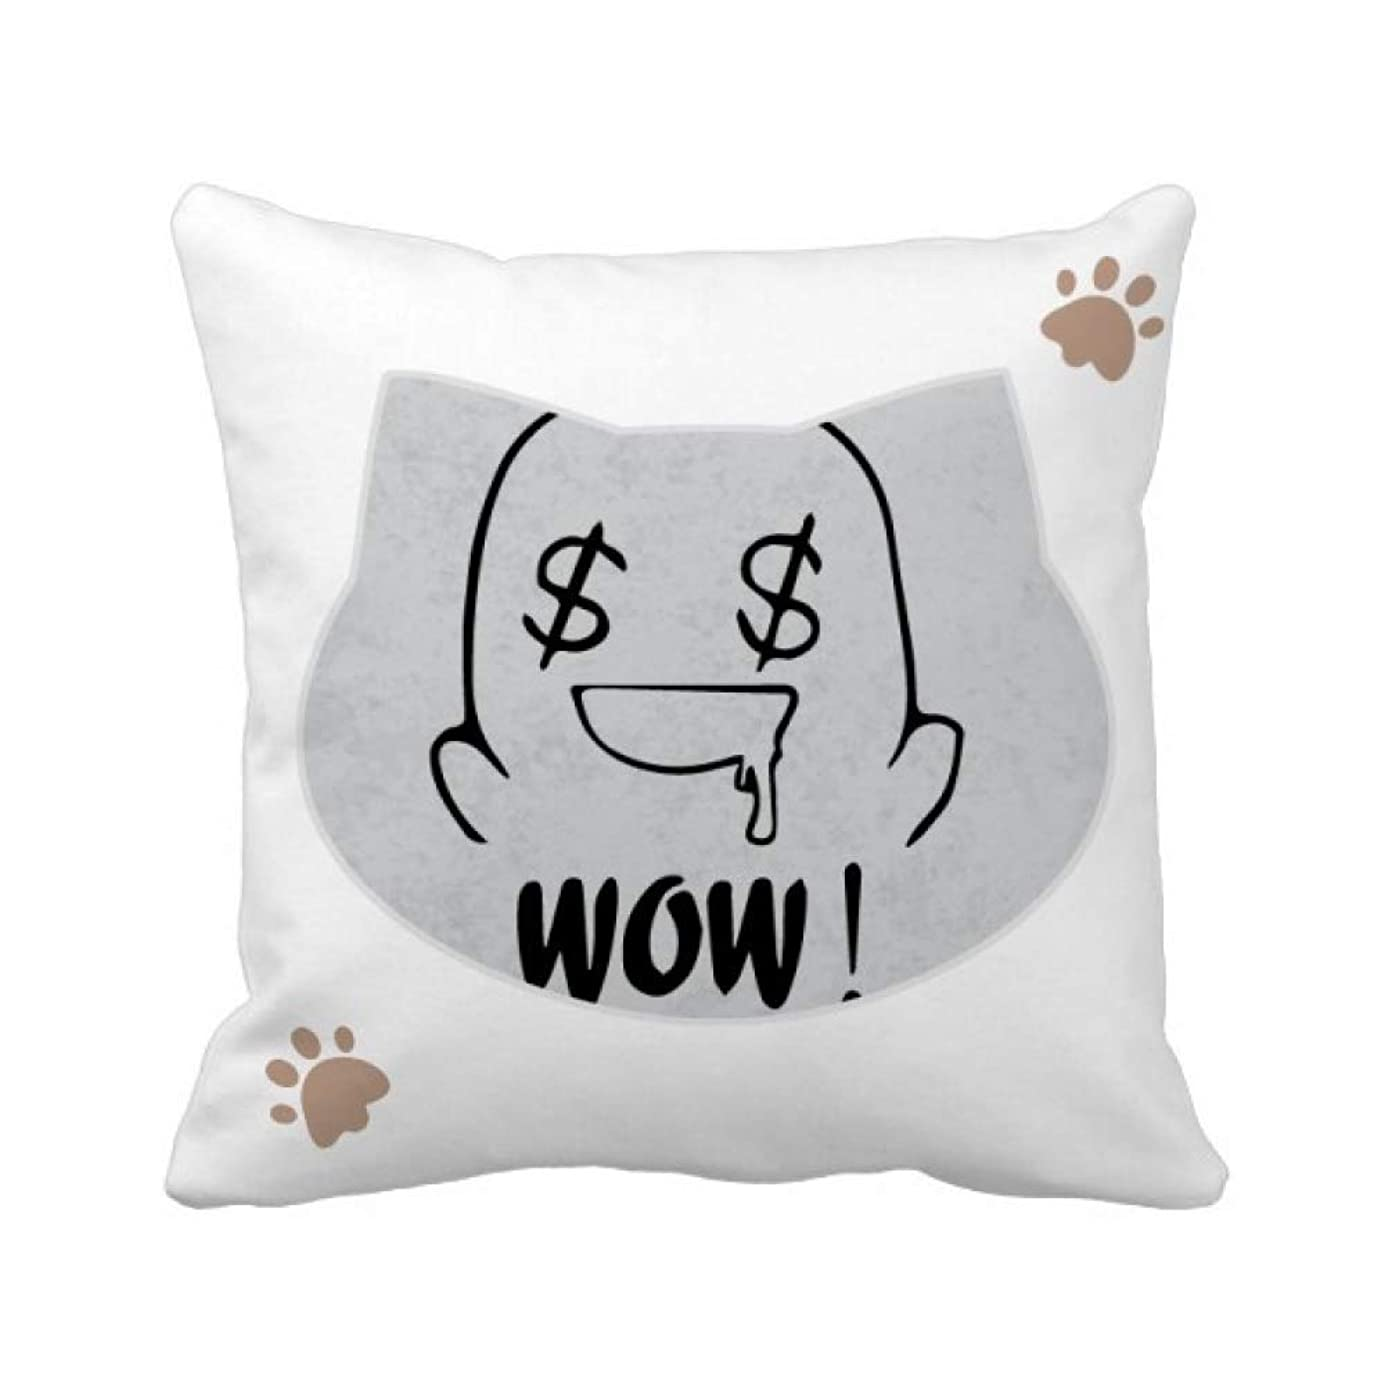 ピース禁止息子貪欲な黒人のかわいい絵文字パターンのチャット 枕カバーを放り投げる猫広場 50cm x 50cm